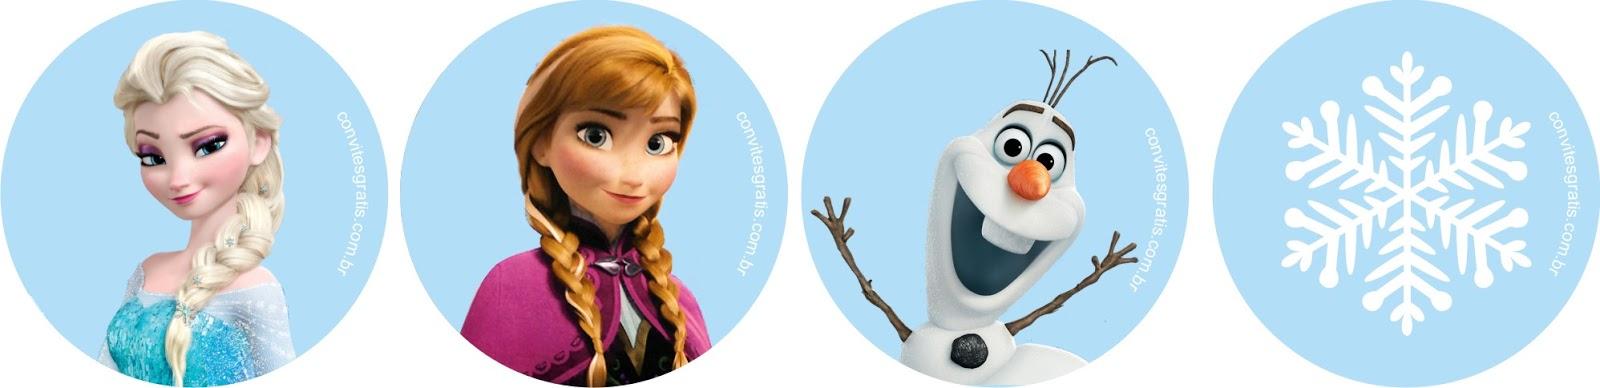 toppers gratis para imprimir Frozen